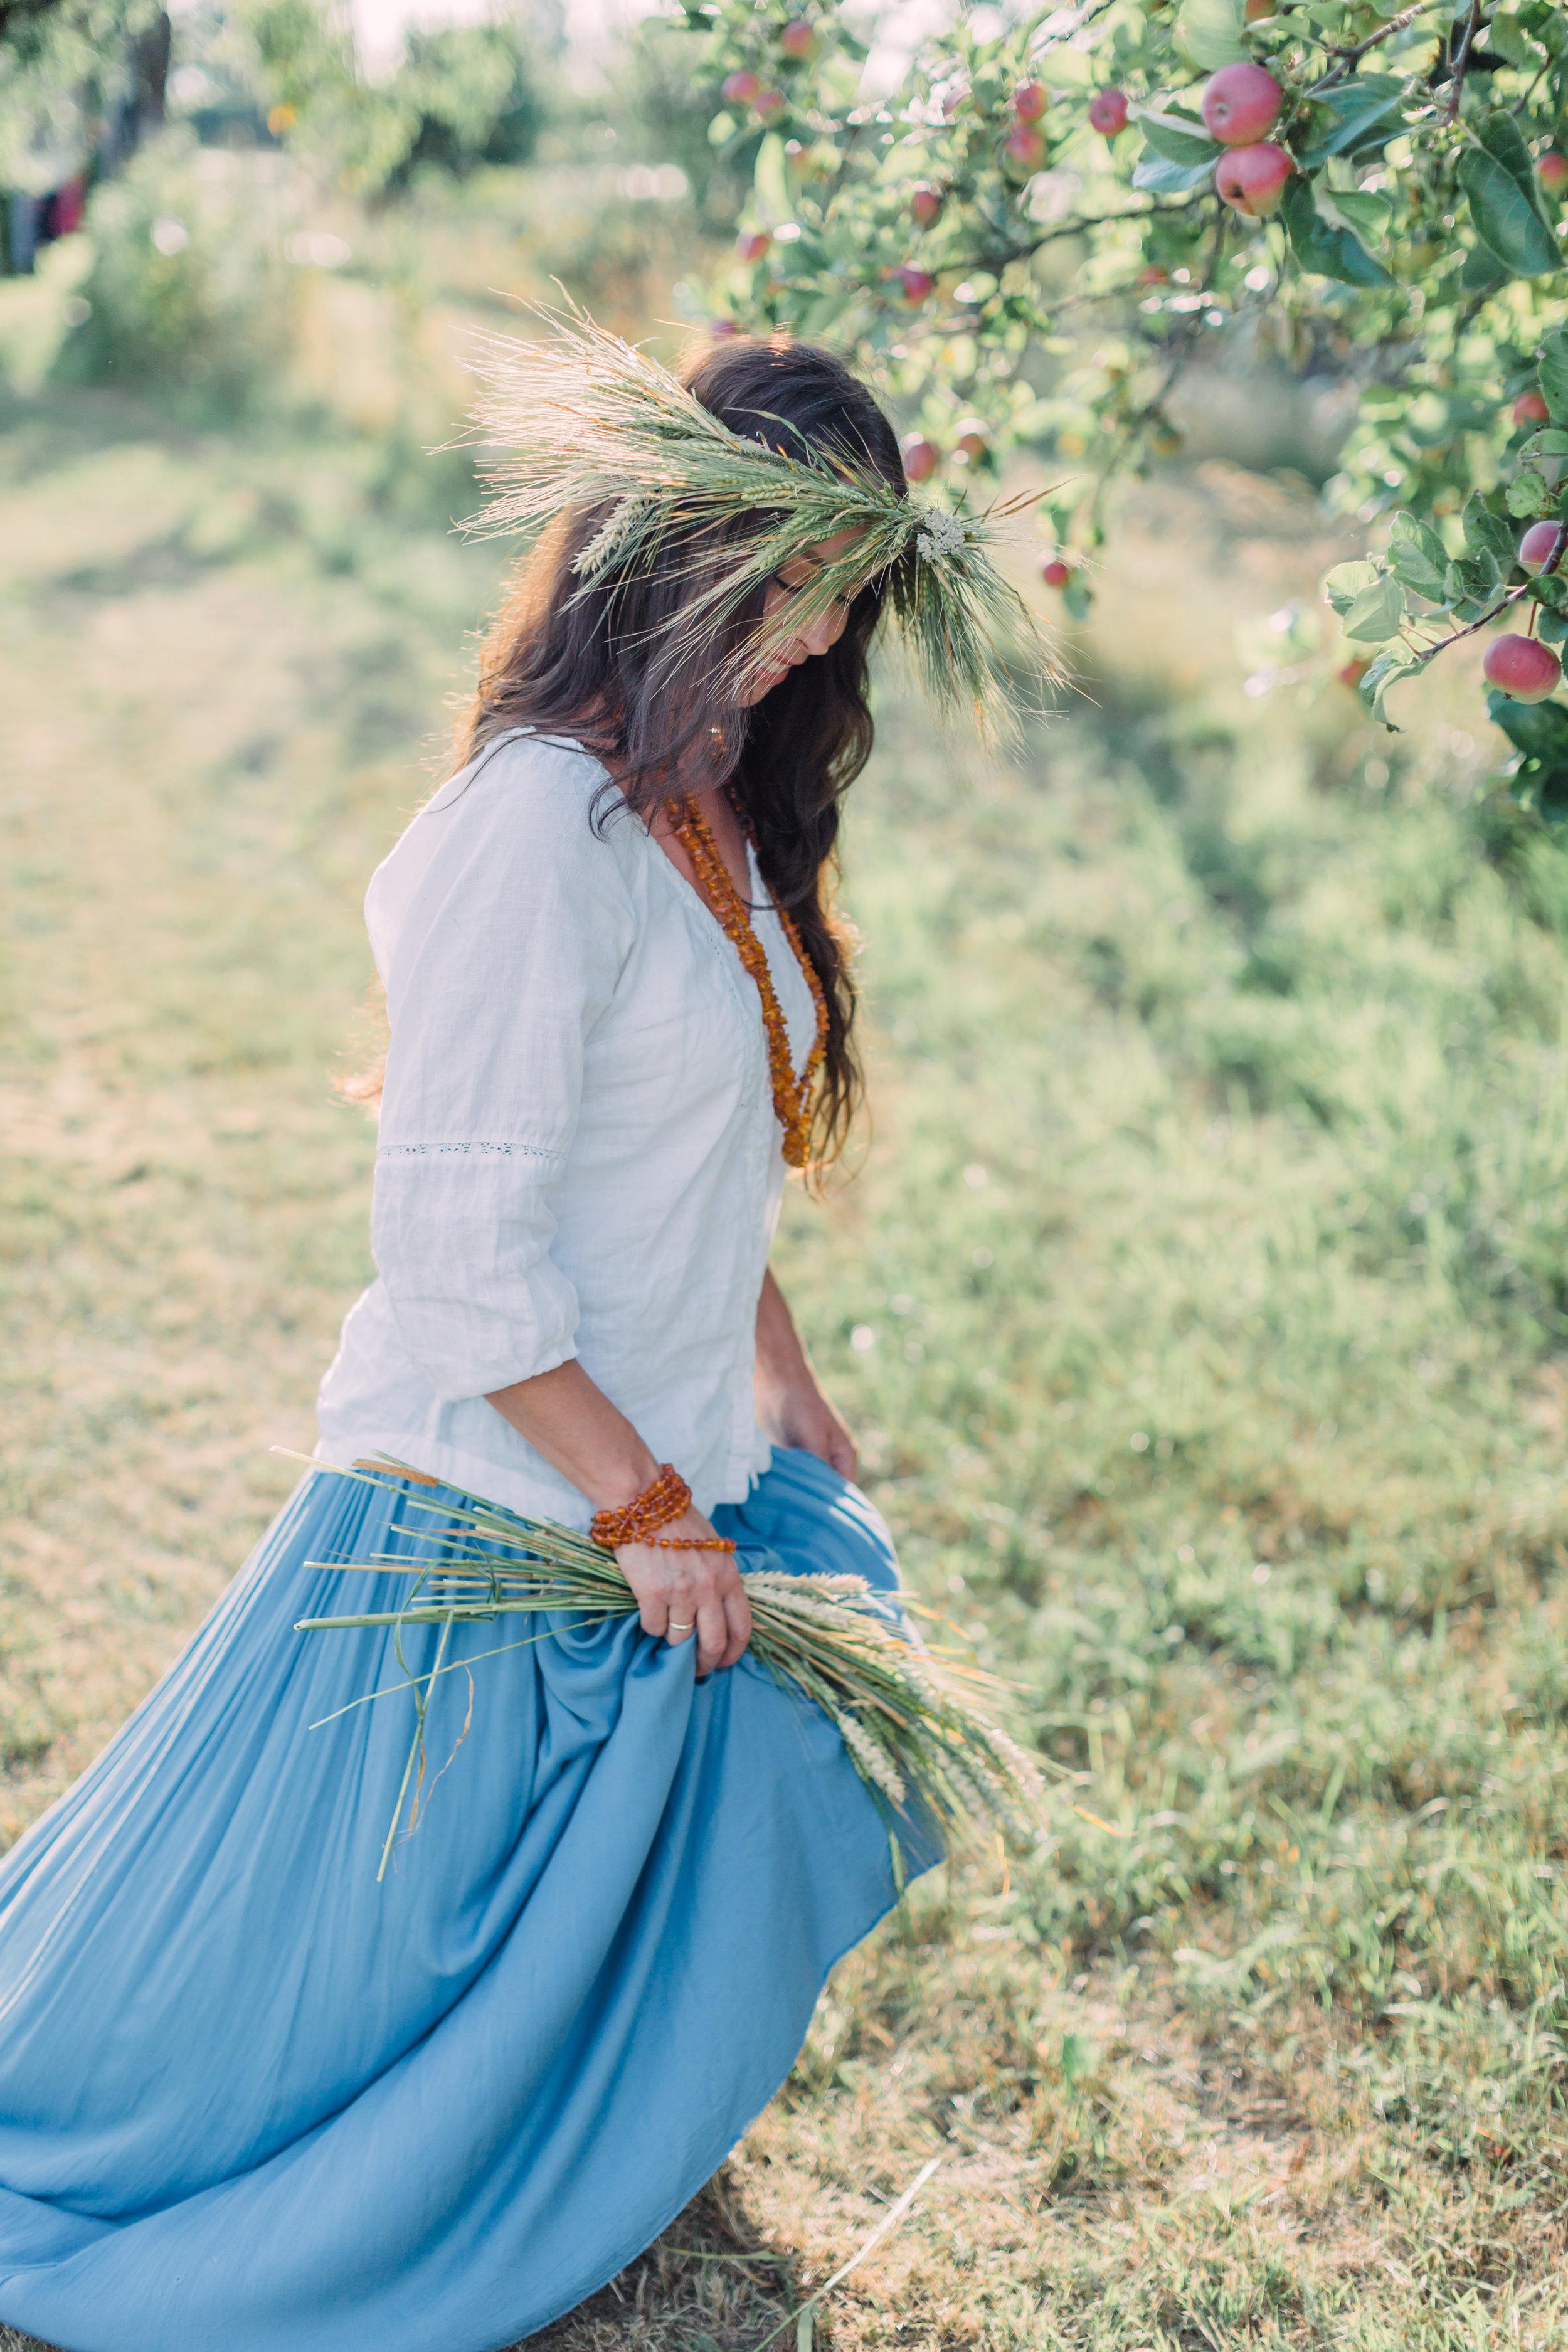 Vitalija & Ieva - Farm Editorial Photo Session_Fine Art Photography_Lithuania_London_UK_2018_Joana Senkute Photography